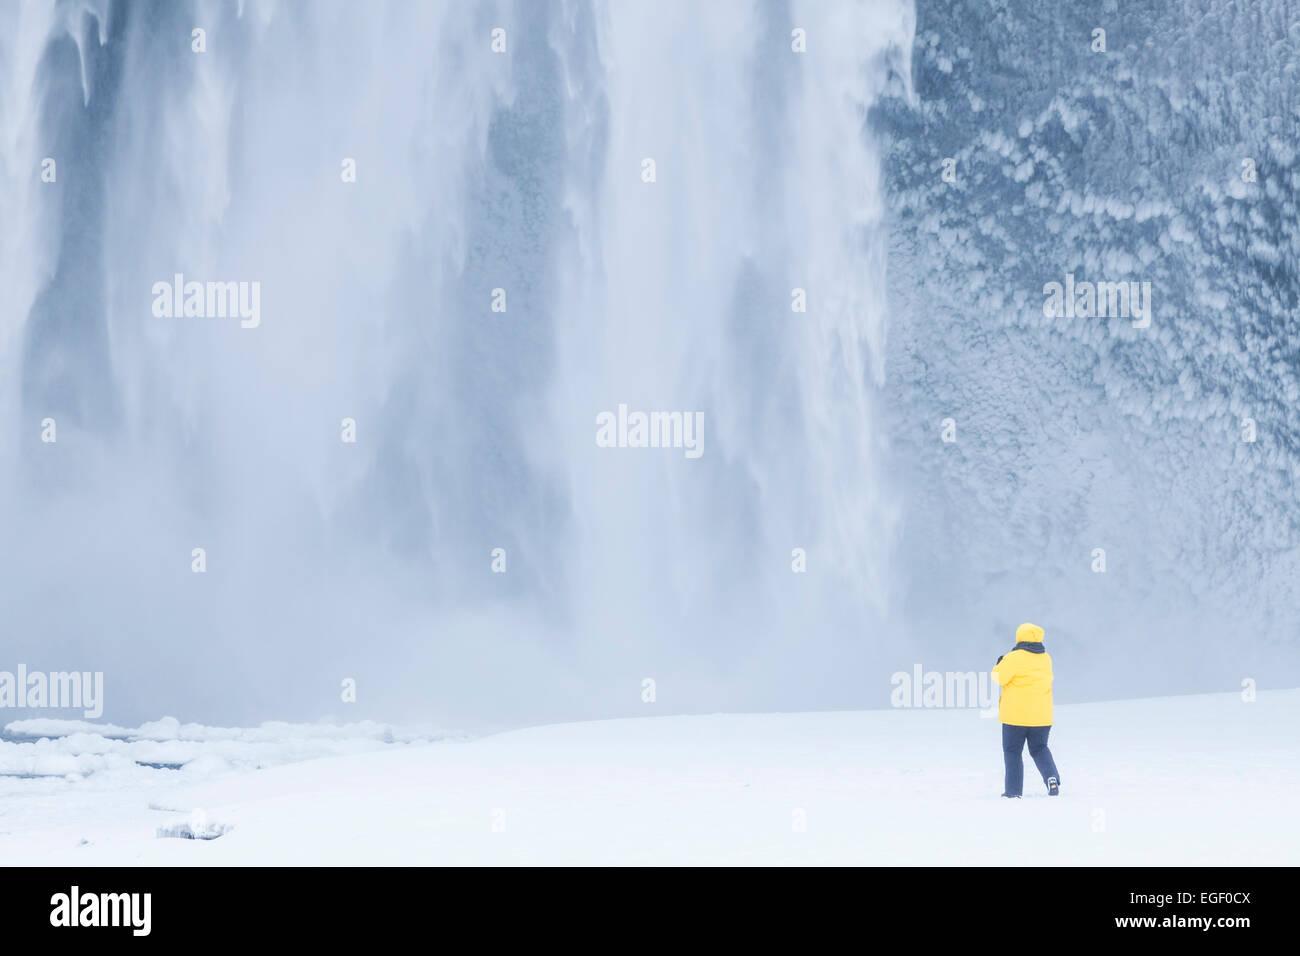 Touriste dans la région de Yellow Jacket à Skogafoss chute d'eau gelée Skogar Islande Islande Europe du Sud Banque D'Images